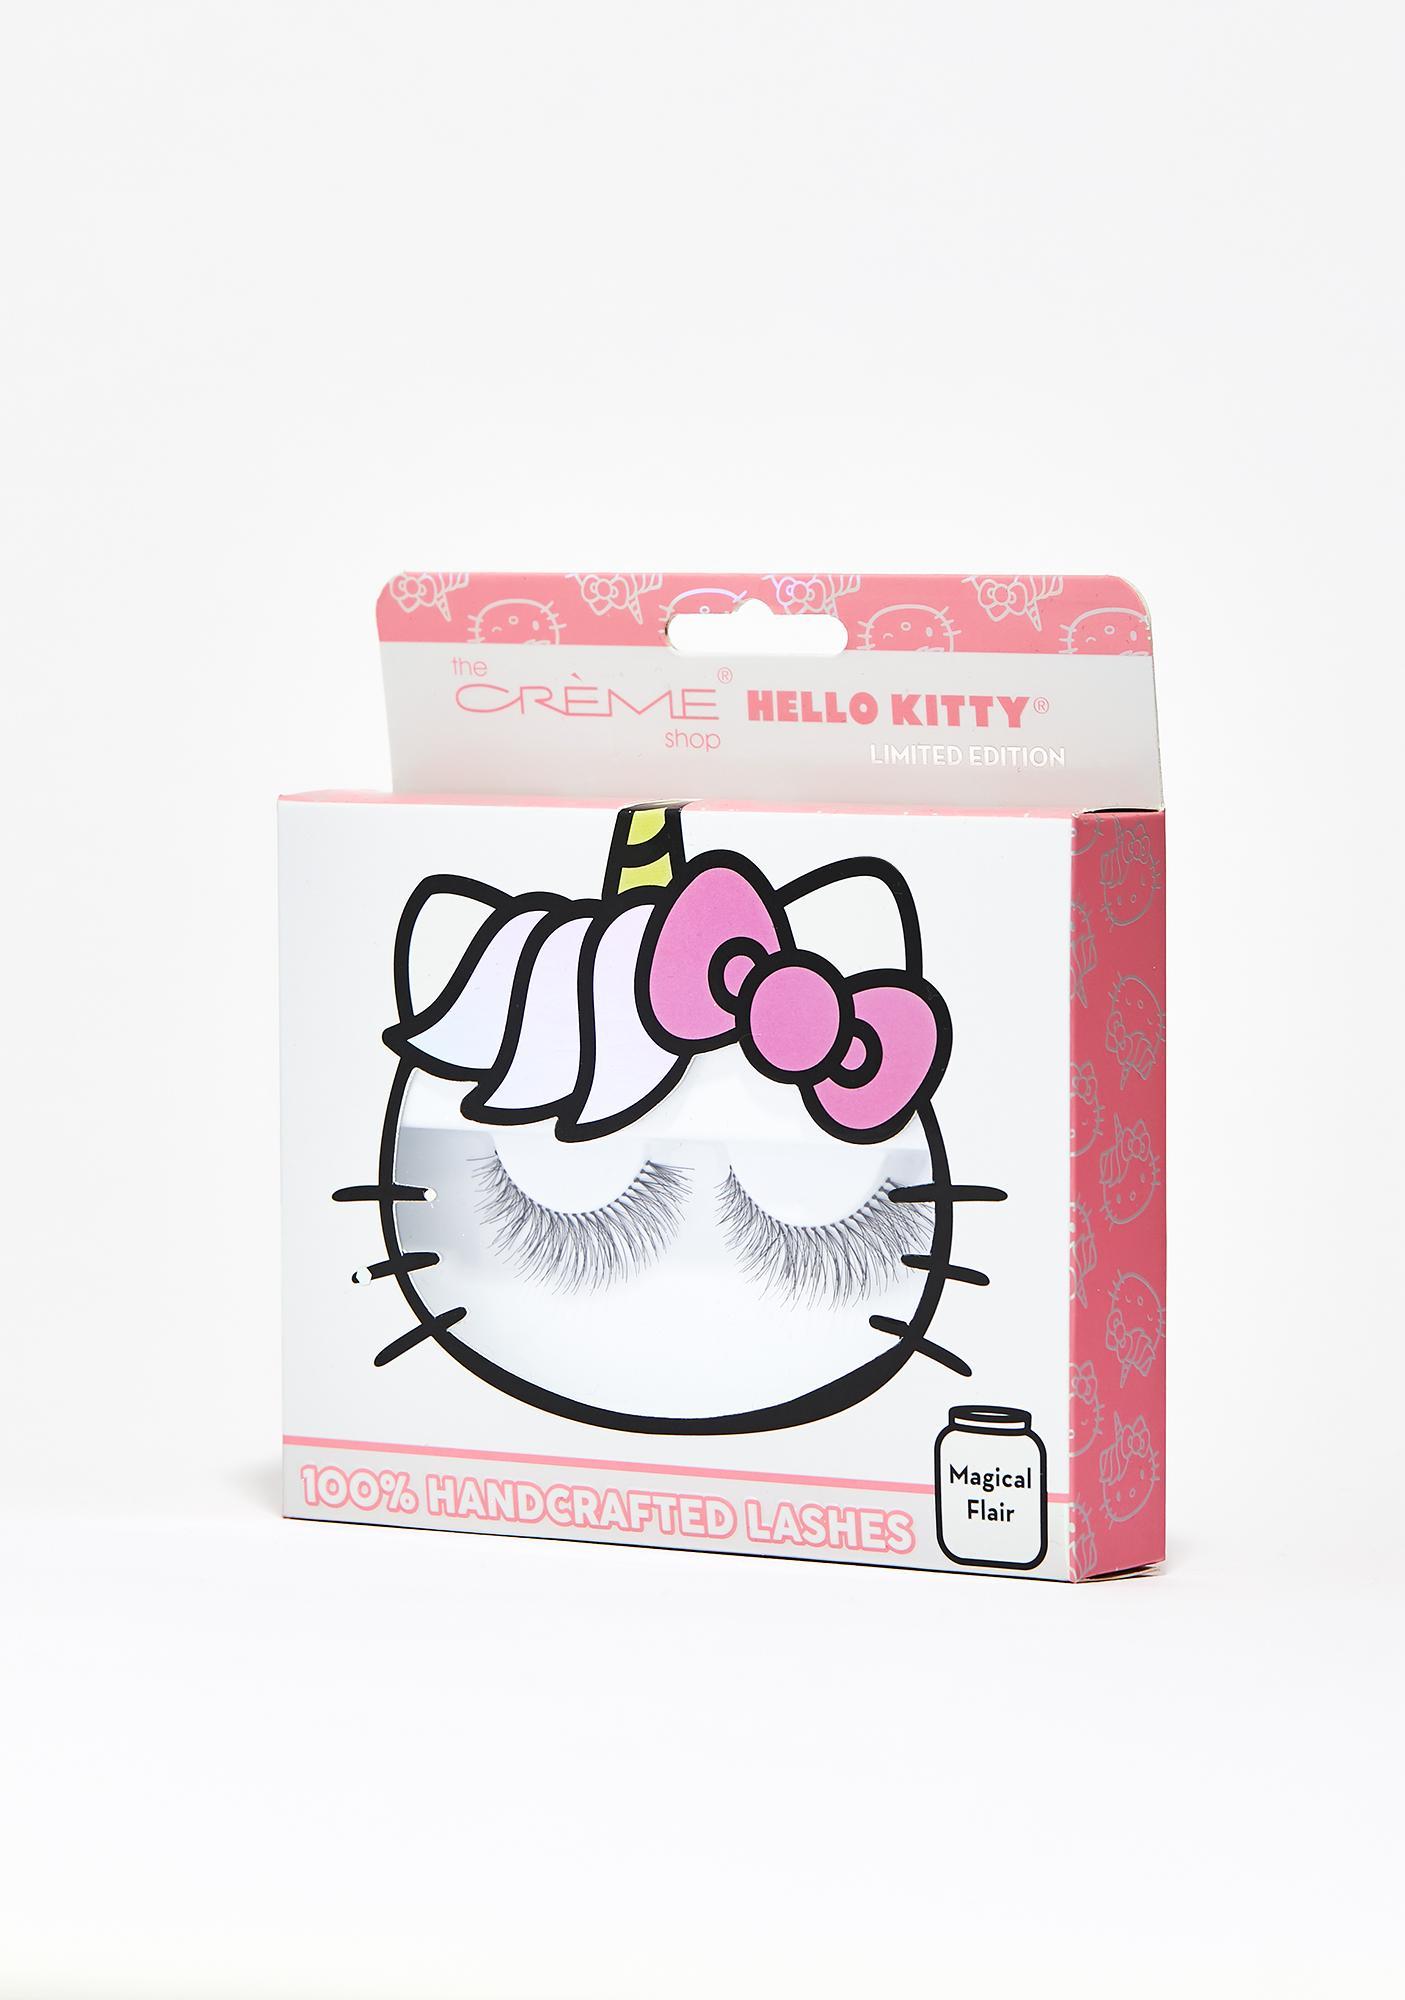 The Crème Shop Magical Flair Hello Kitty Lashes